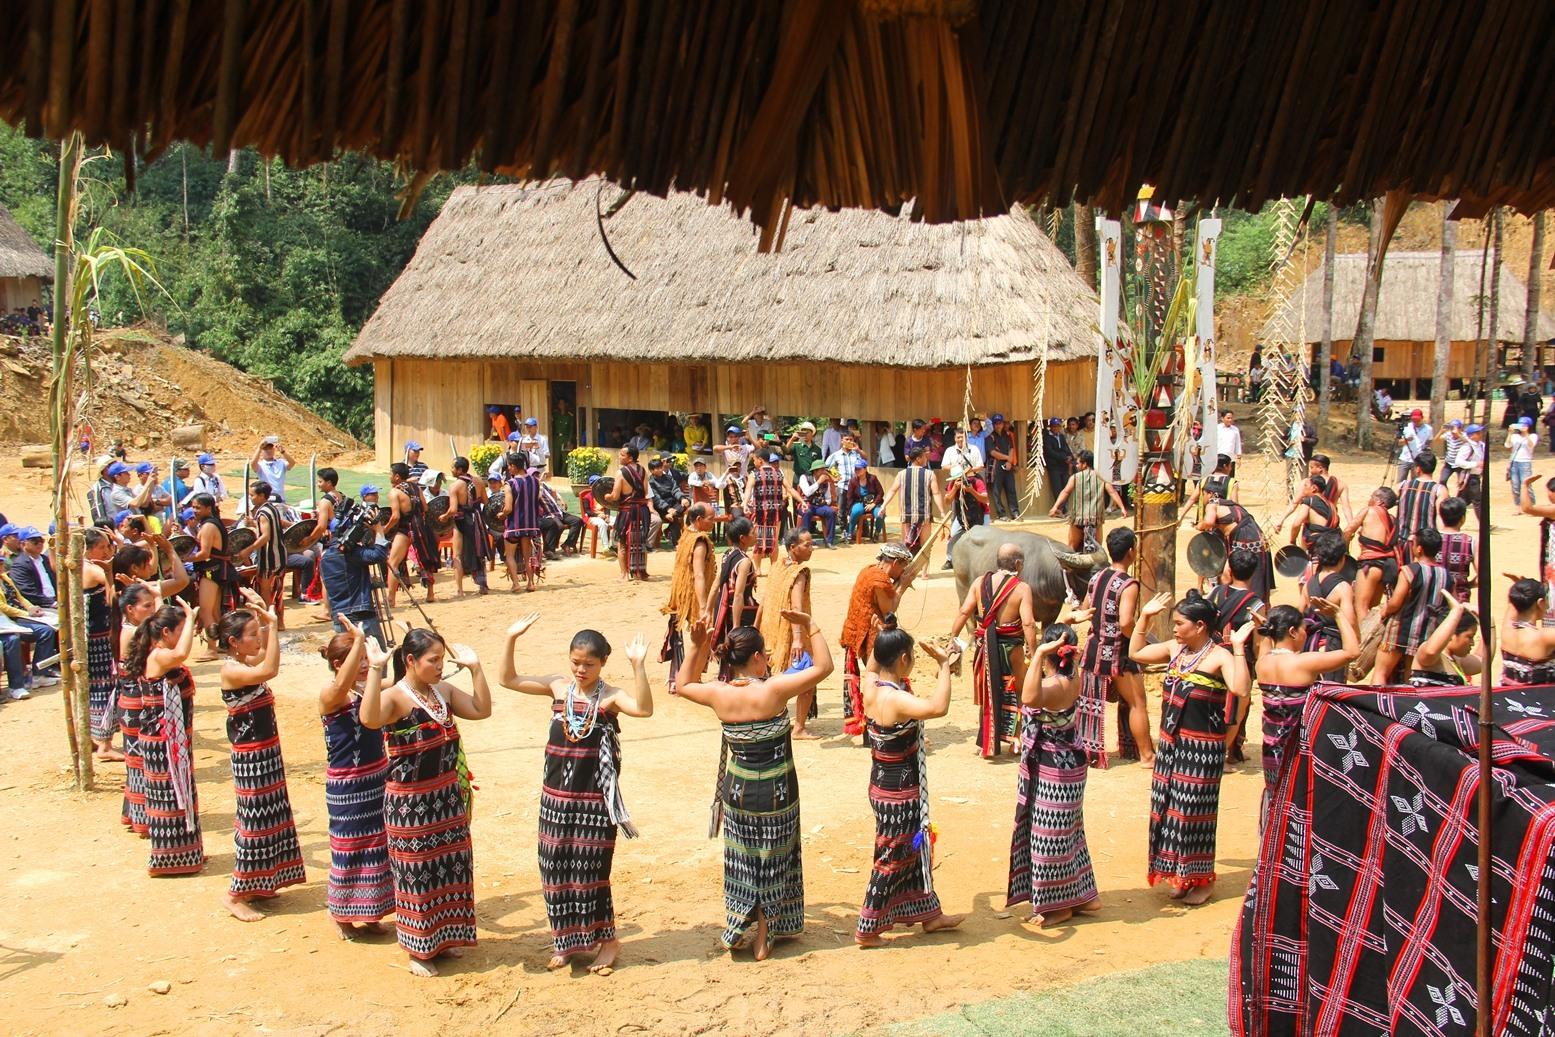 Văn hóa bản địa đặc trưng chính là dư địa cần được khai phóng để thúc đẩy du lịch vùng cao Quảng Nam. Ảnh: N.T